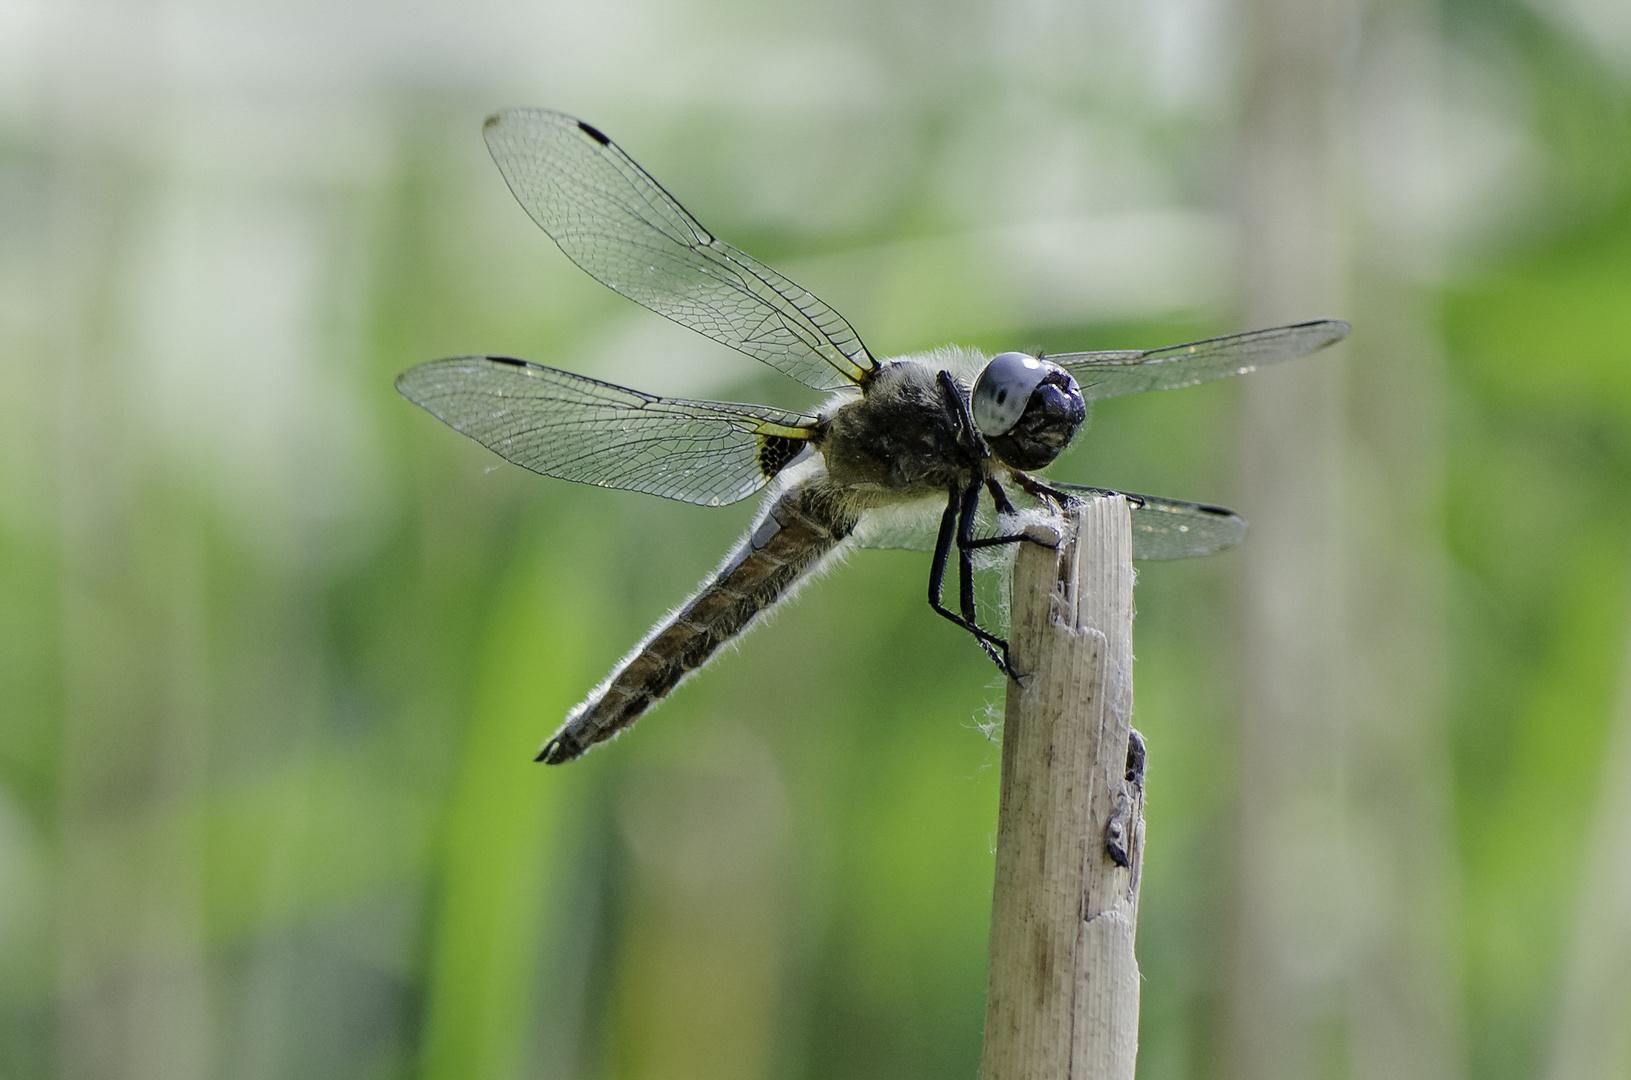 Libelle auf einem Schilfstängel, seitlich